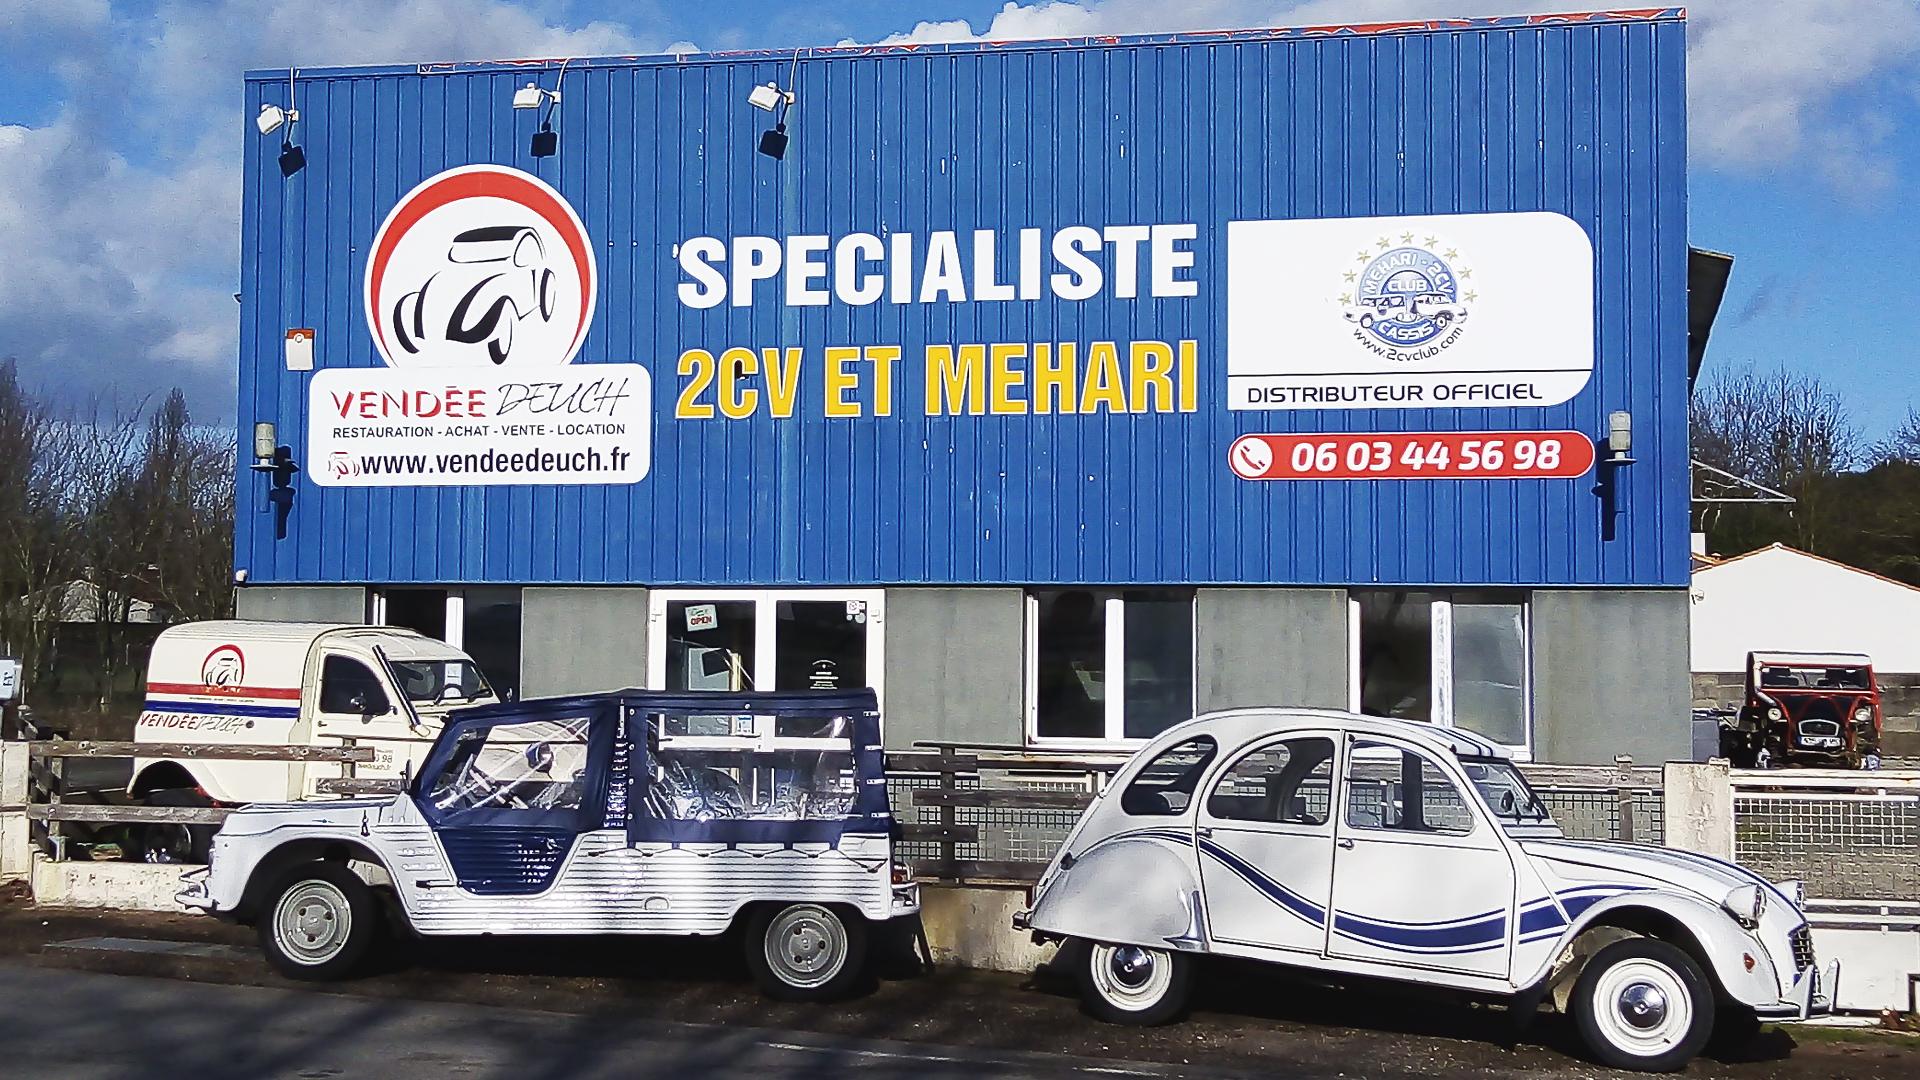 Vendée Deuch Spécialiste 2cv Et Méhari